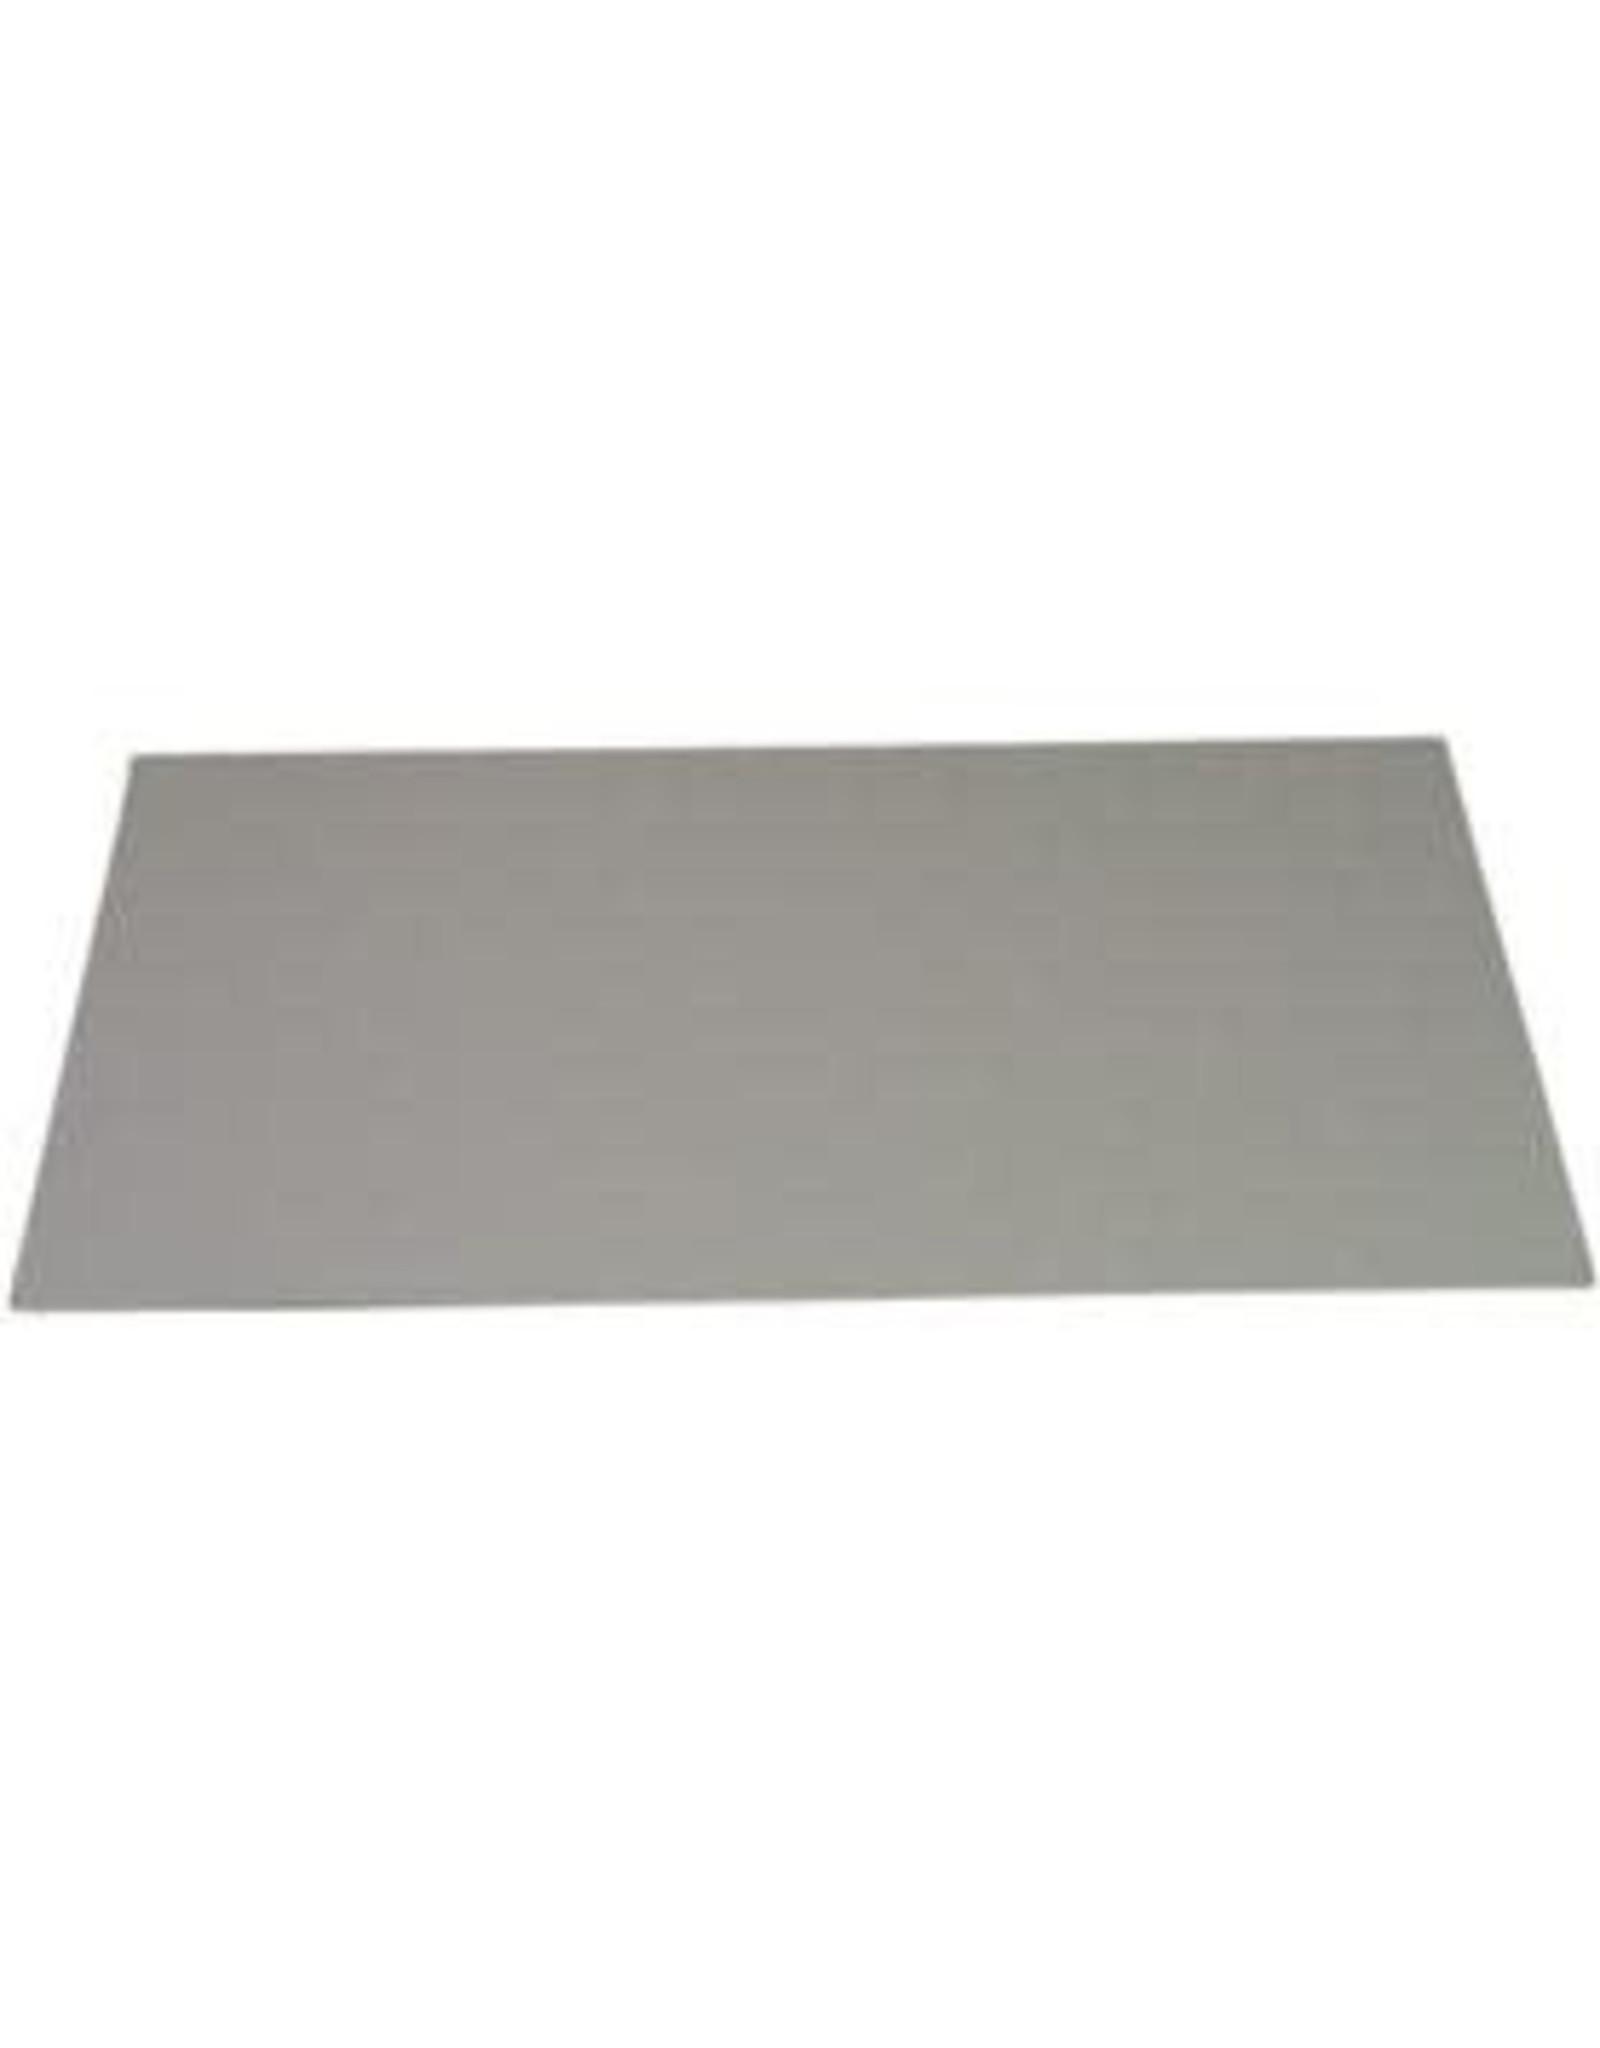 Grey cardboard 3 mm